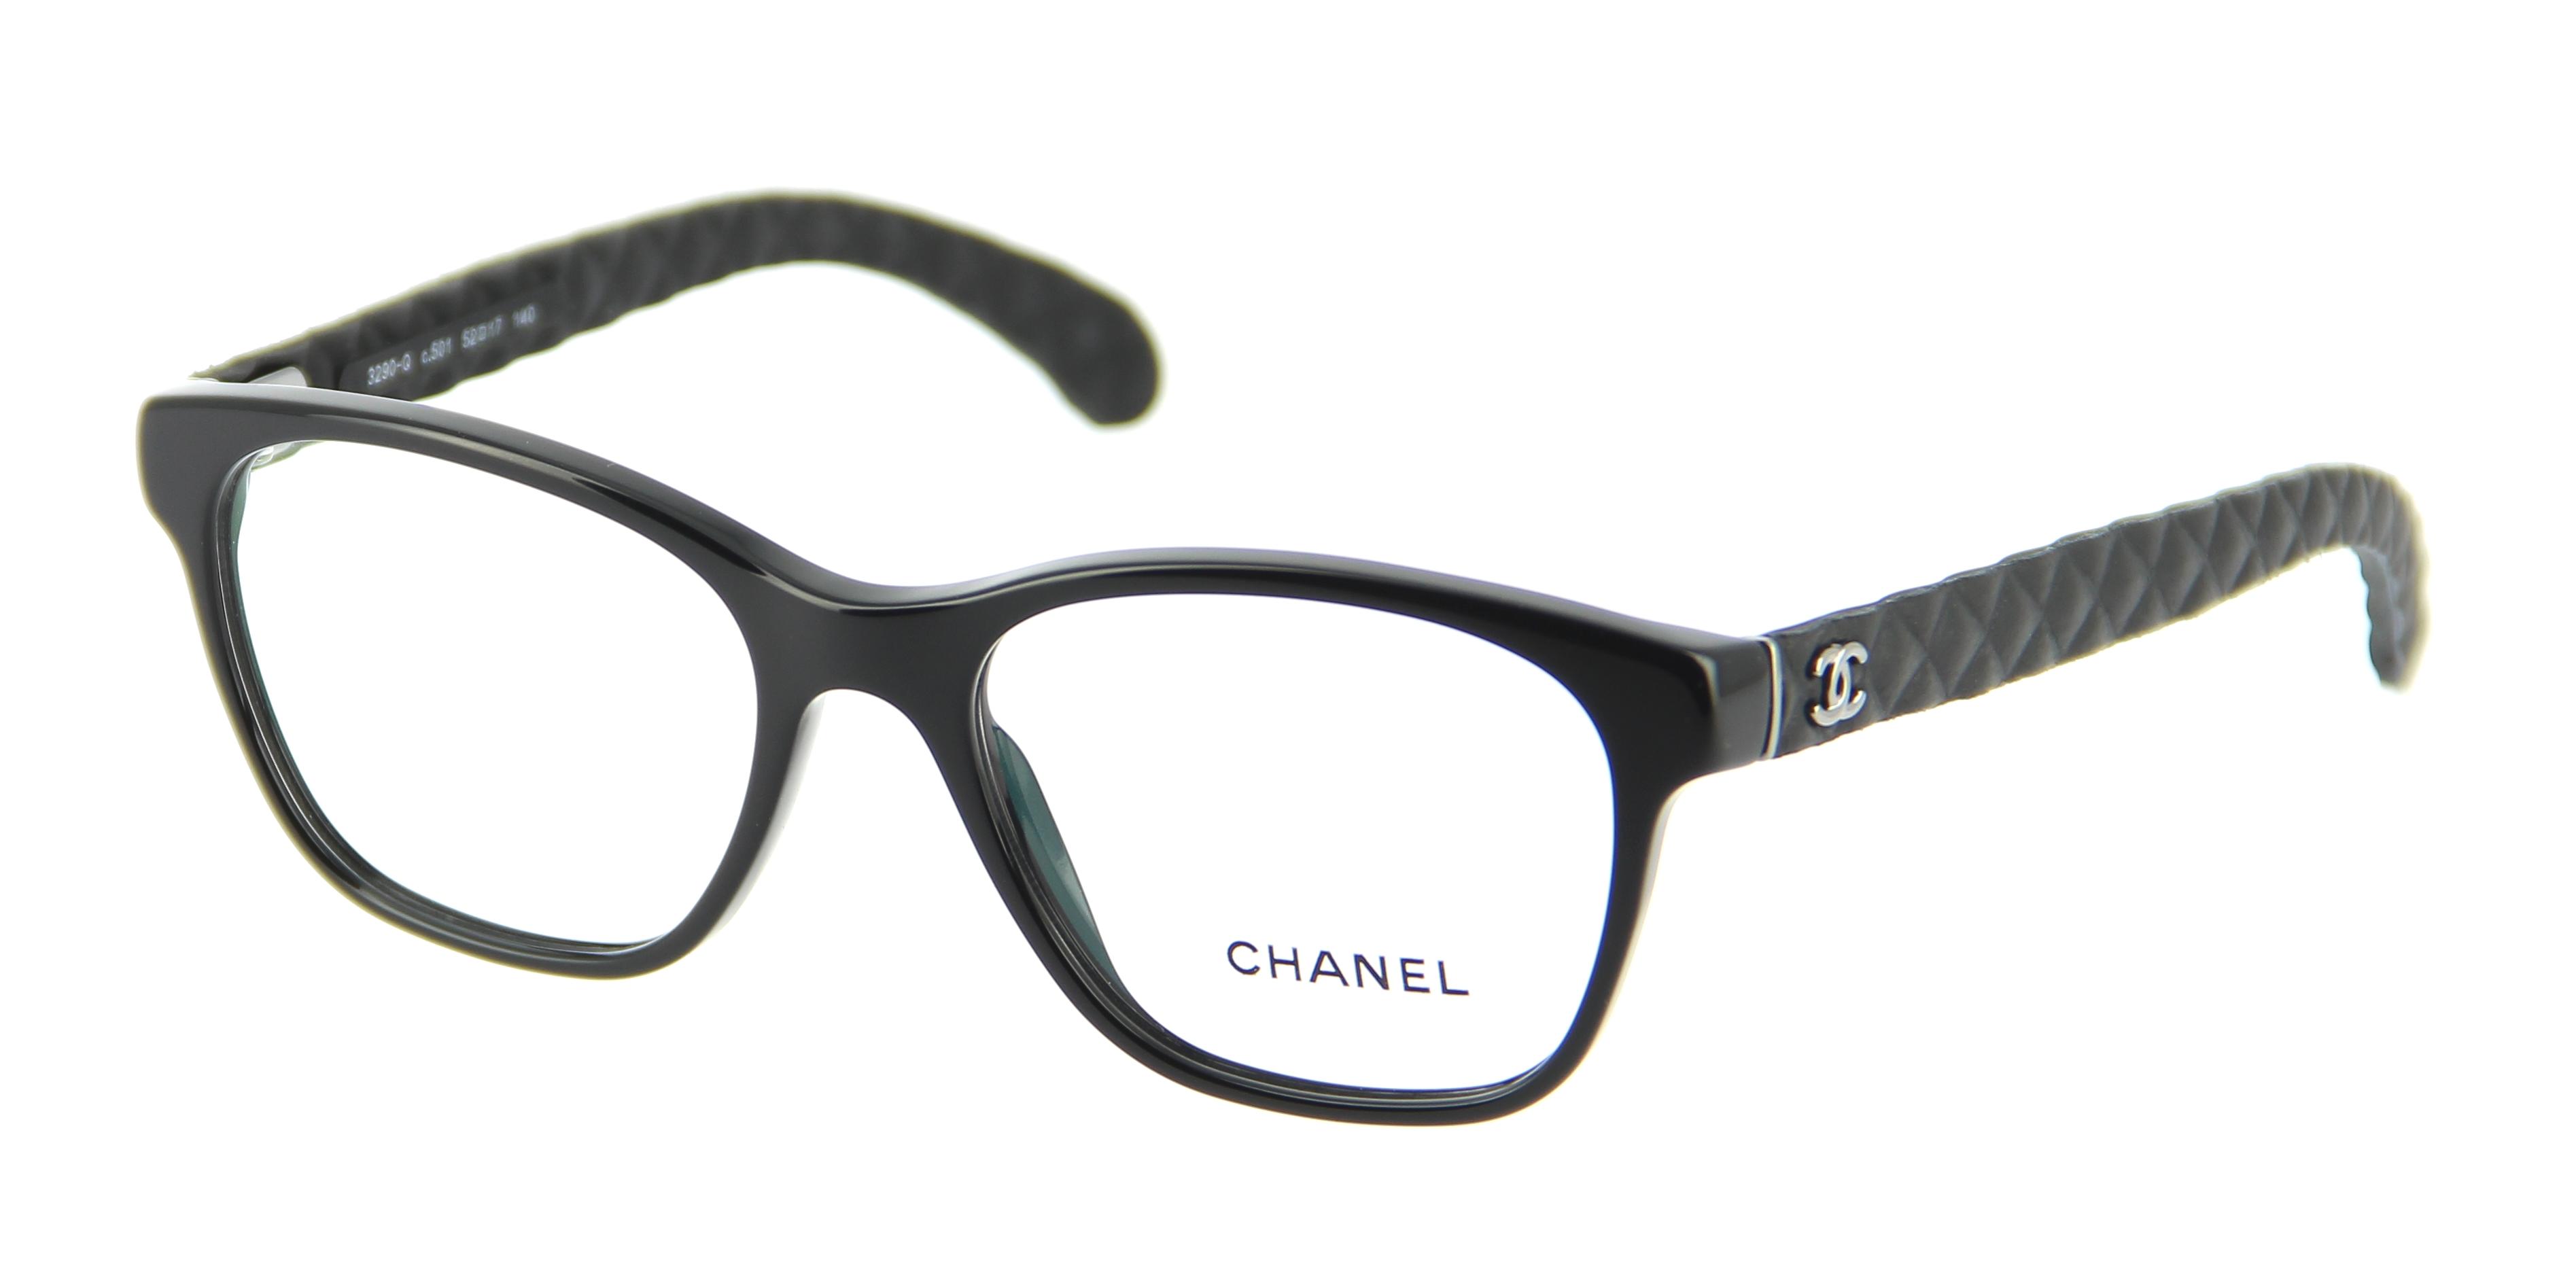 75567969f55f18 Lunette De Vue Chanel Femme Krys   David Simchi-Levi